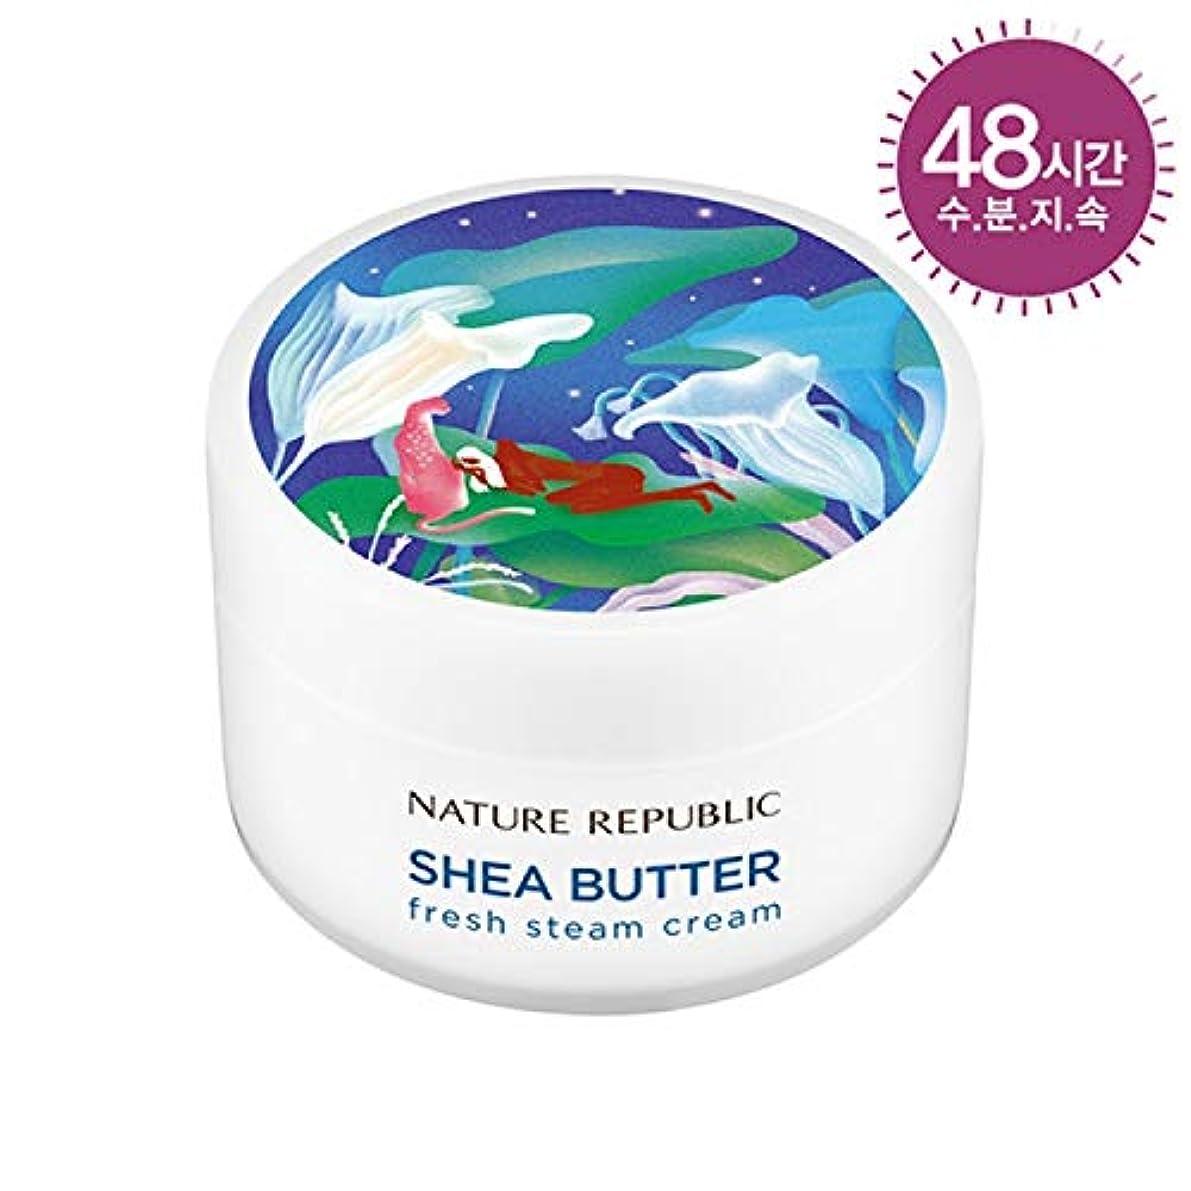 エキスパート局明確なネイチャーリパブリック(Nature Republic)シェアバタースチームクリームフレッシュ(混合肌用) 100ml / Shea Butter Steam Cream 100ml (Fresh) :: 韓国コスメ [...